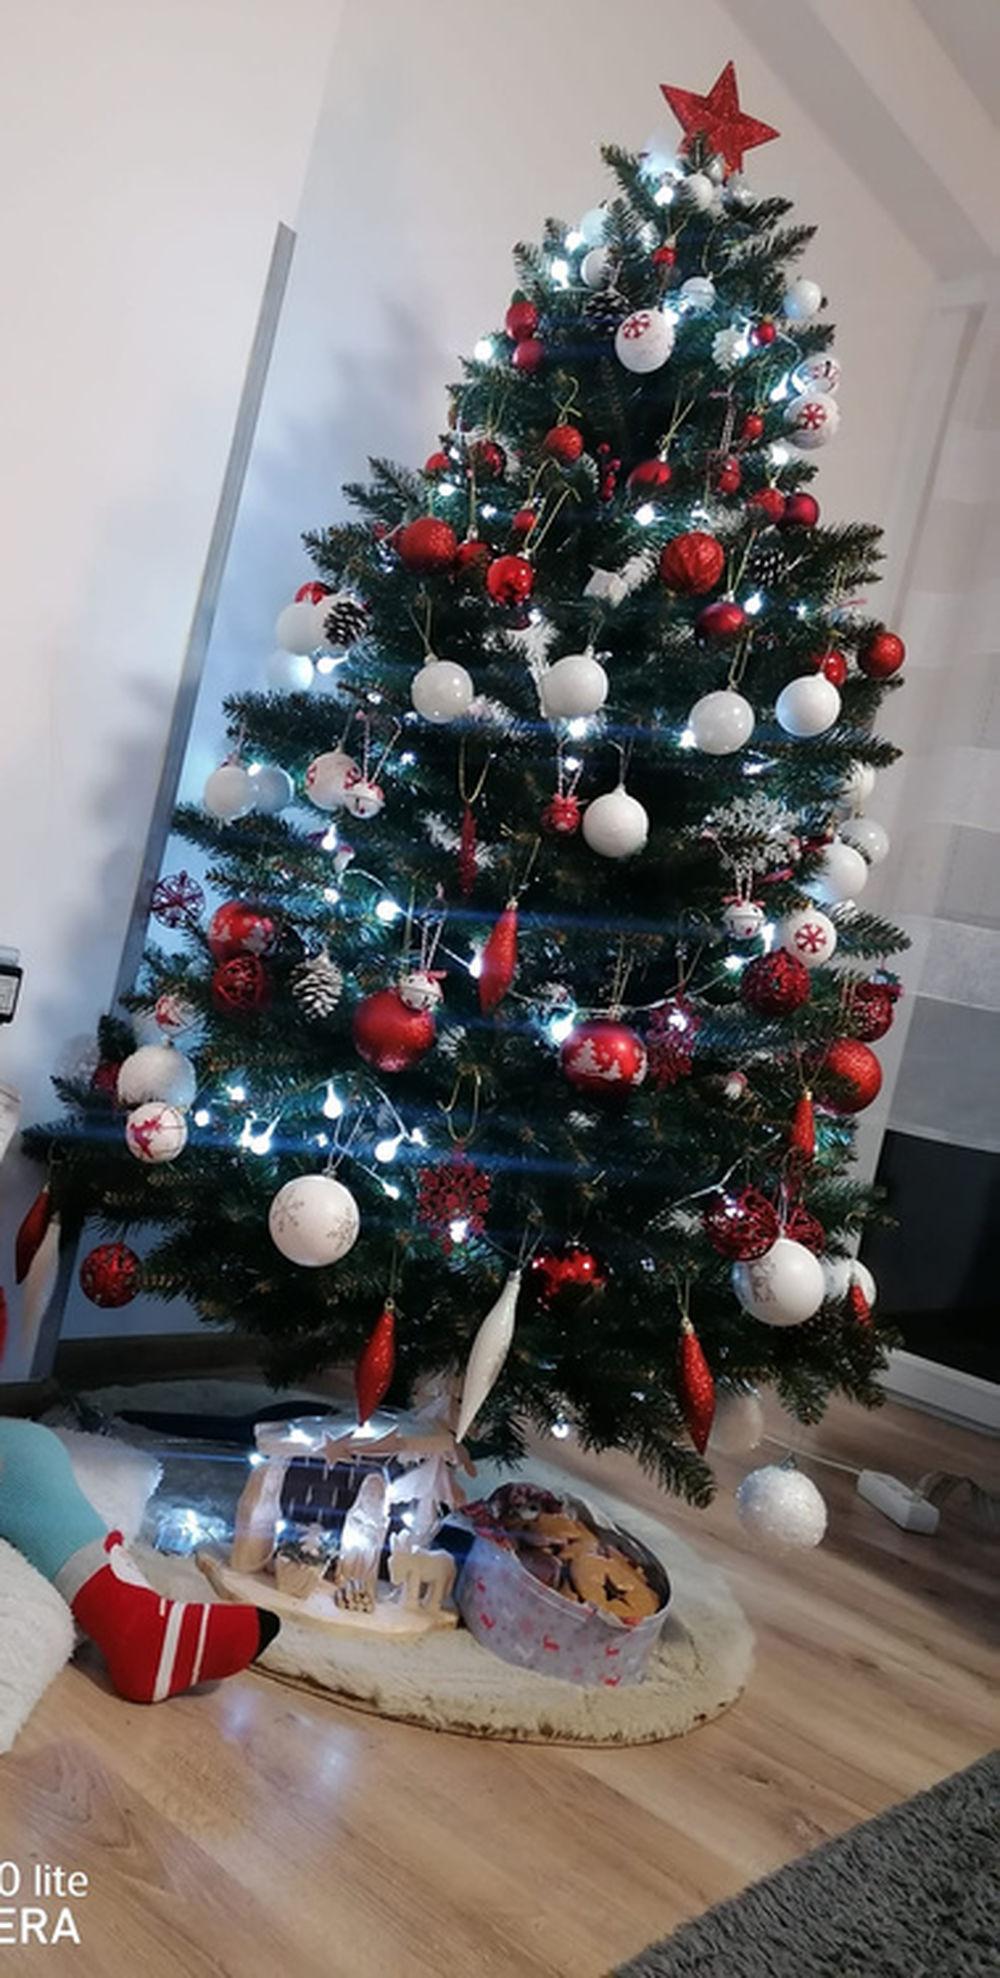 FOTO: Vianočné stromčeky v Žiline - výber fotografií našich čitateľov, foto 22